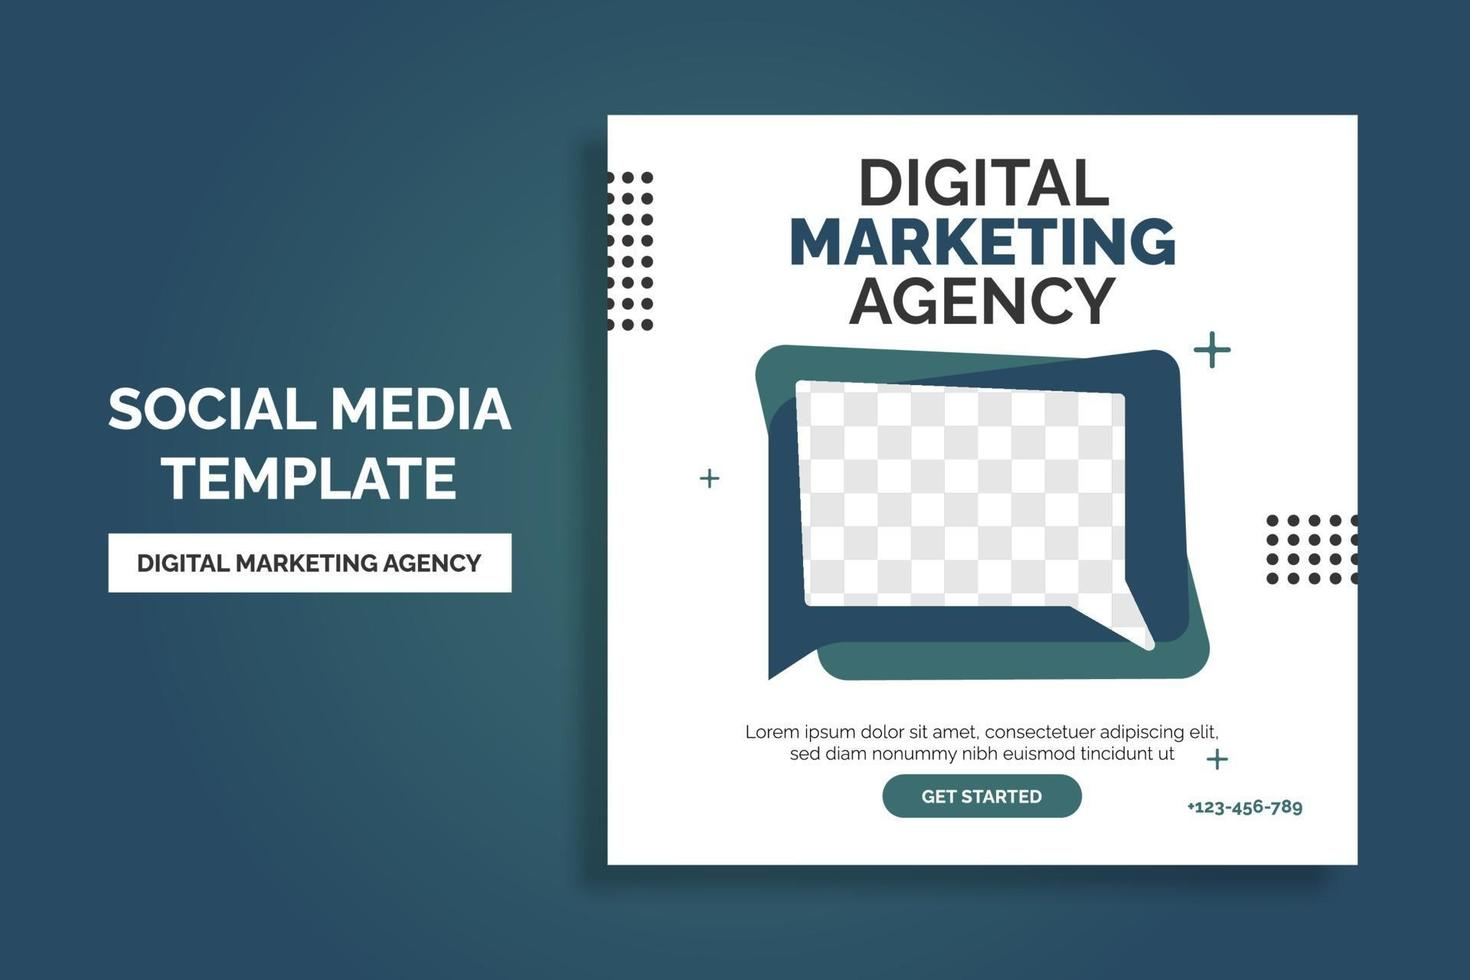 progettazione del modello di post dei social media dell'agenzia di marketing di affari digitali creativi. promozione banner. pubblicità aziendale vettore